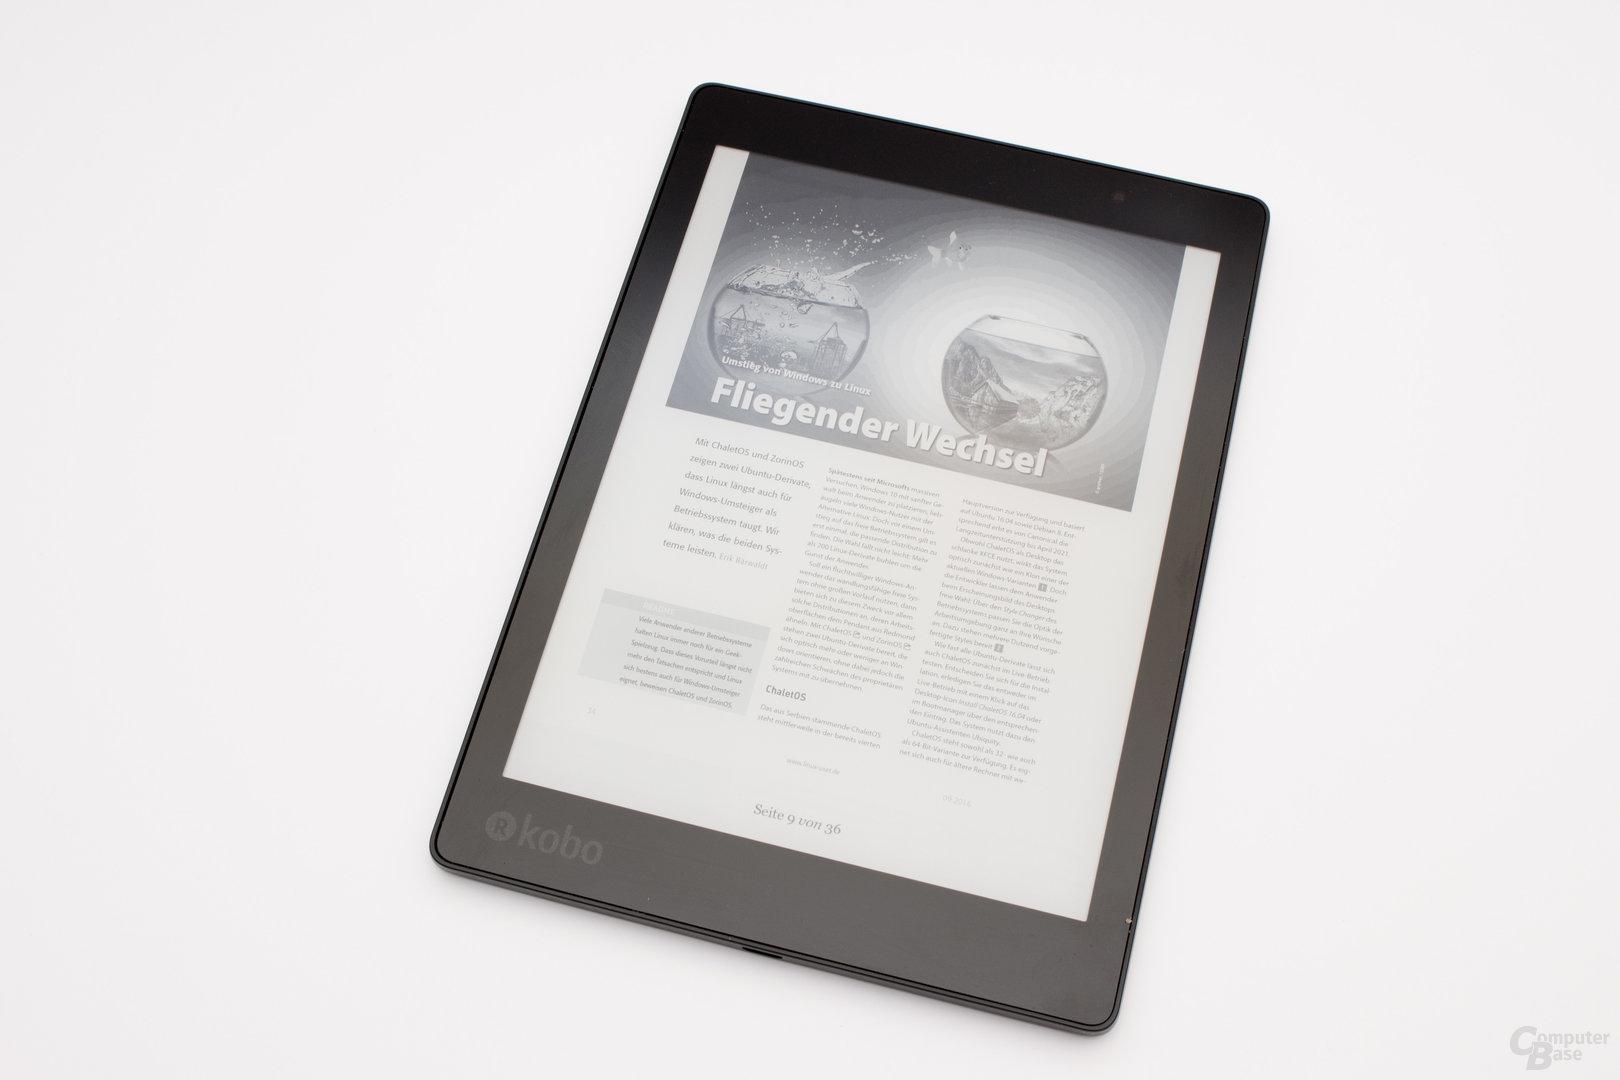 Der Aura One bietet im Gegensatz zum InkPad 2 eine rudimentäre PDF-Unterstützung